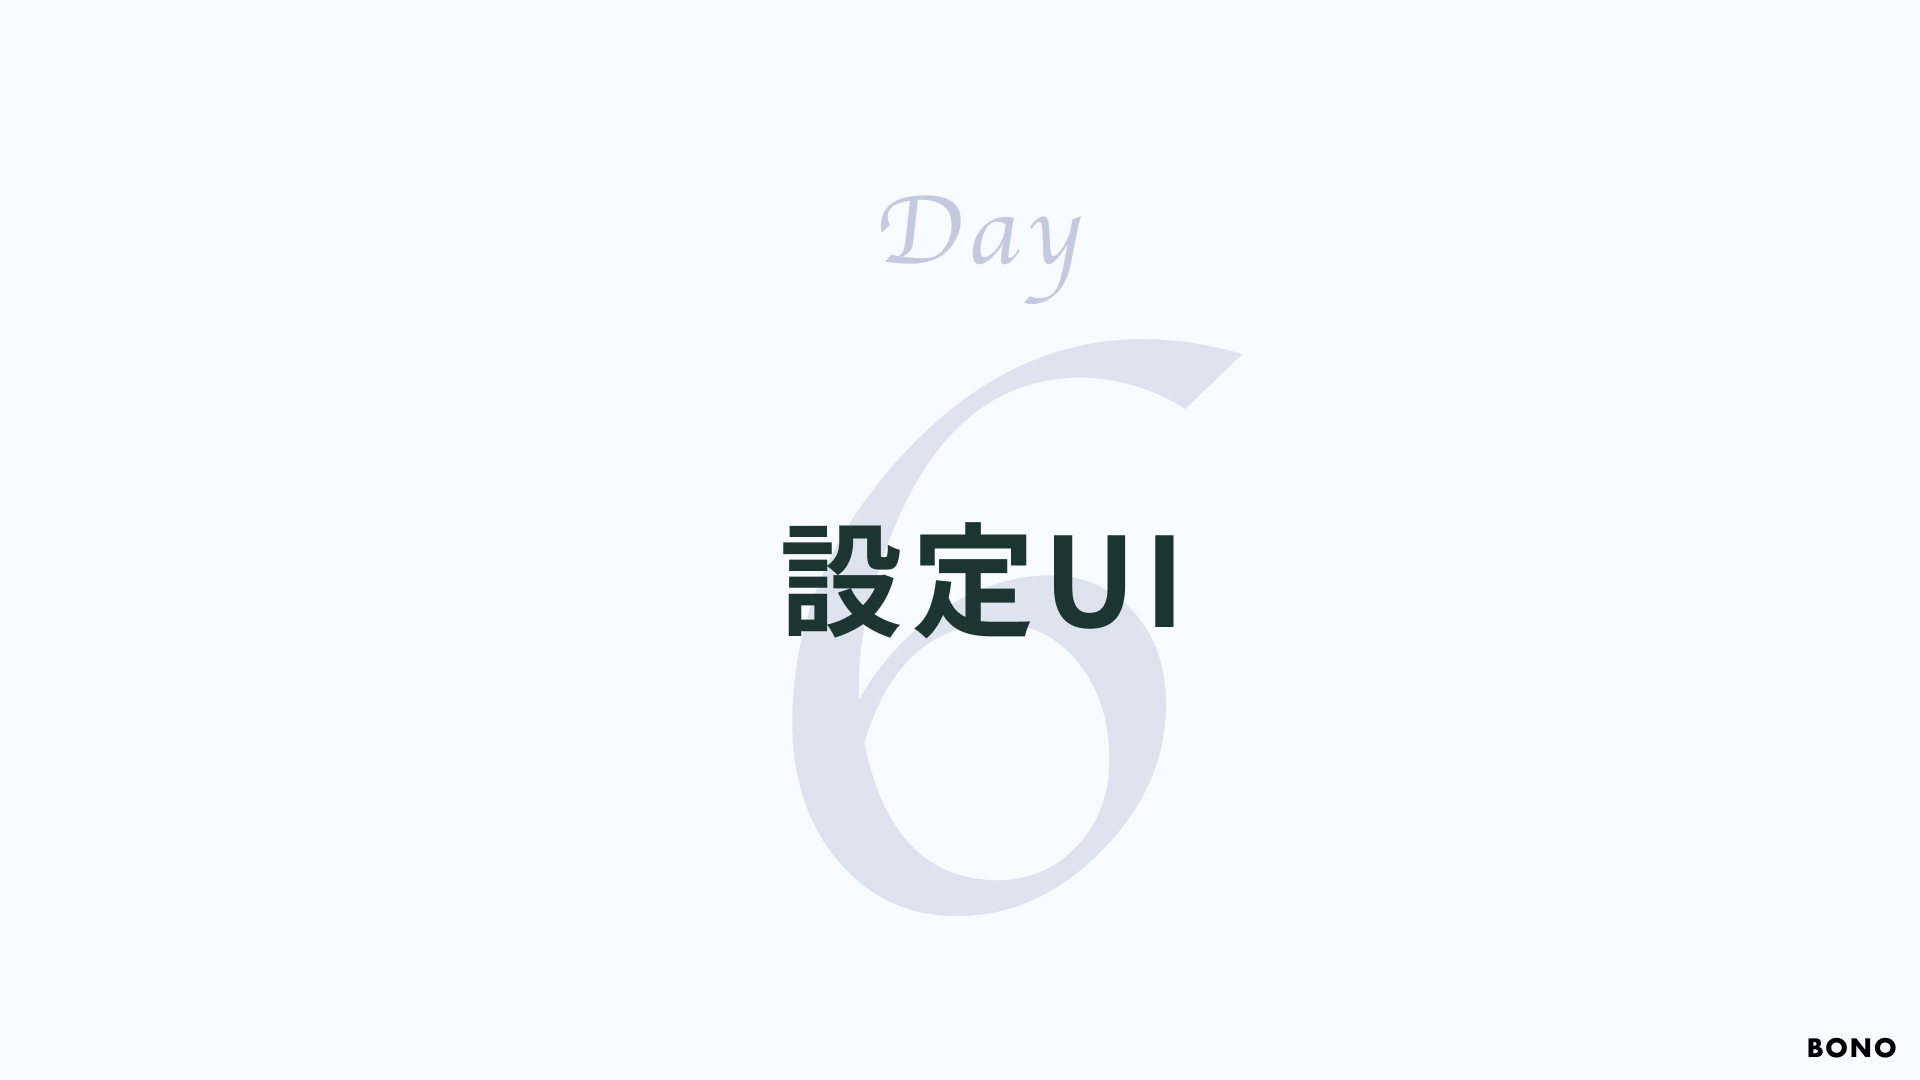 【Daily音声SNS】DAY6-お題